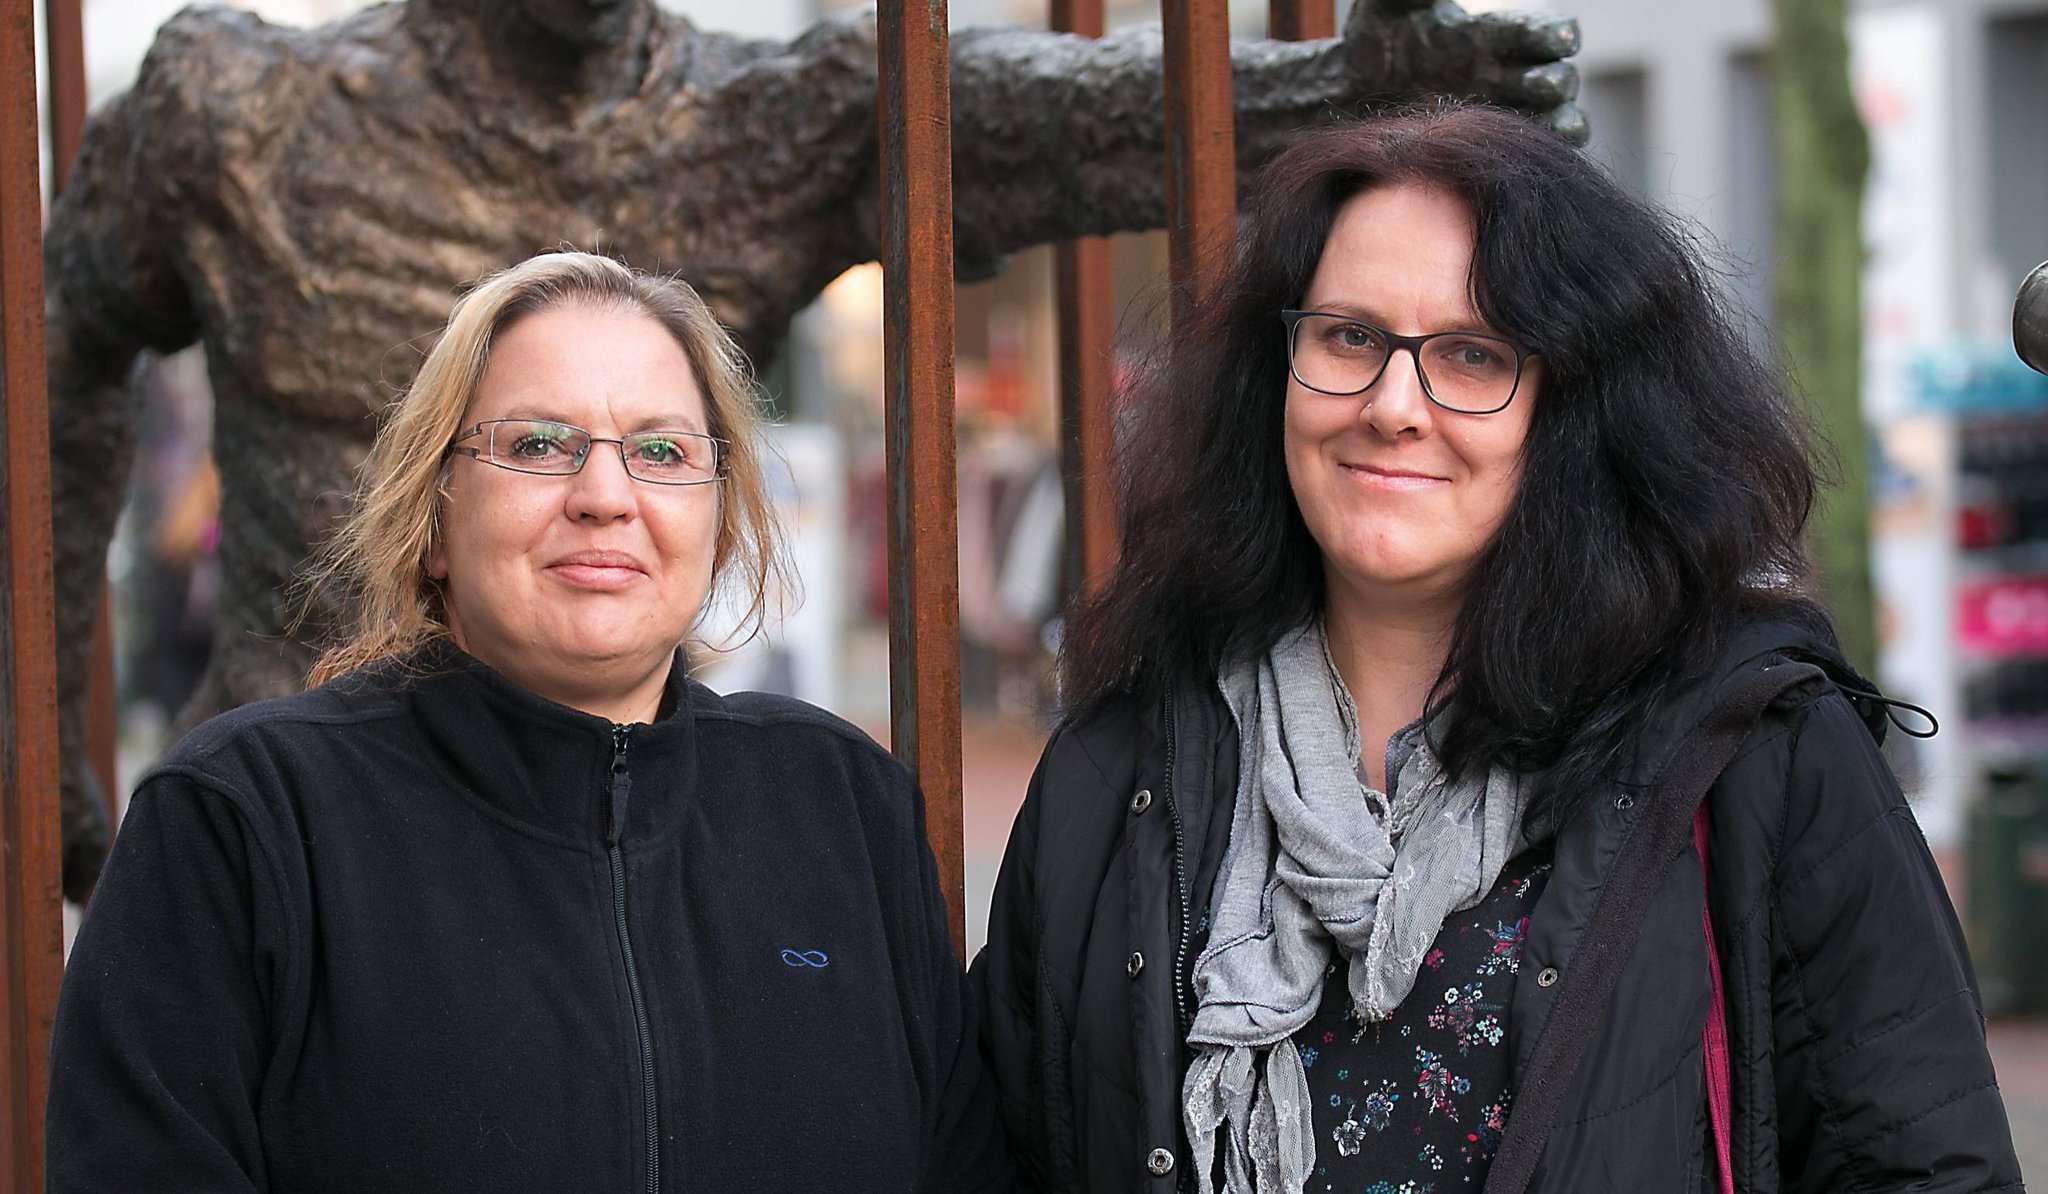 Die beiden Sprecherinnen der Bürgerinitiative Fundtierwohl Rotenburg, Manuela May (links) und Manuela Dierks, kämpfen dafür, dass Fundtiere wieder beim Tierschutzverein für den Landkreis Rotenburg abgegeben werden können.